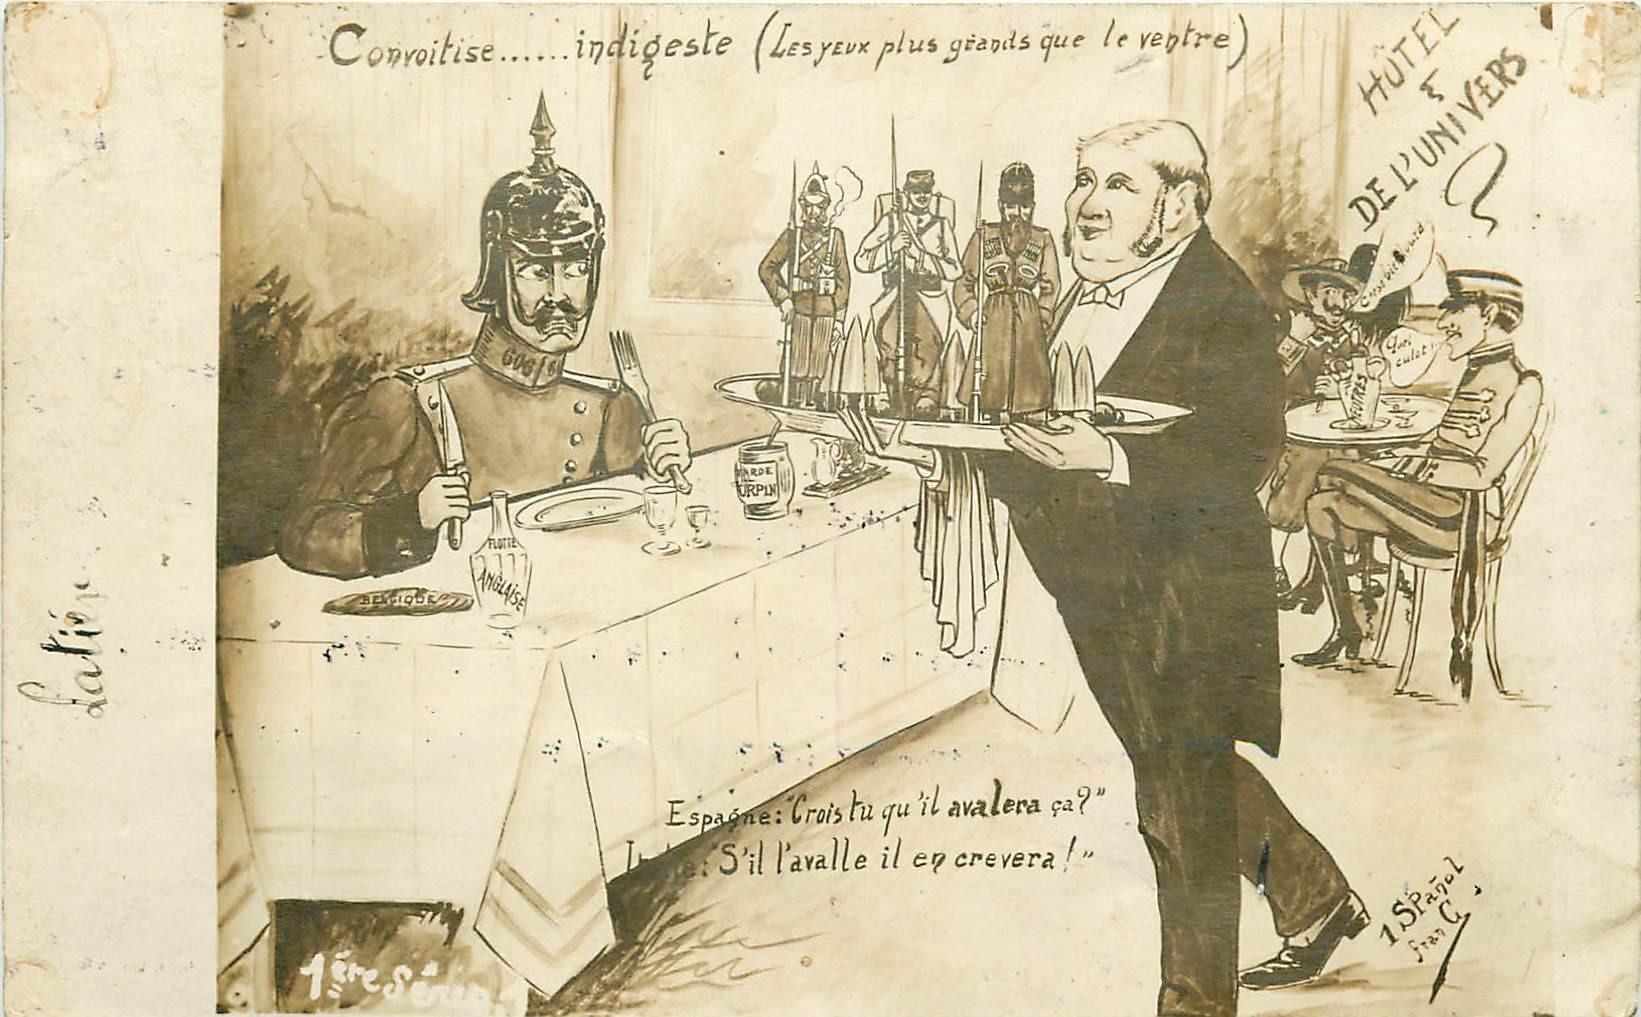 MILITARIA Satirique - Guillaume II - Convoitise ...Indigeste - Alliés, Alphonse XIII